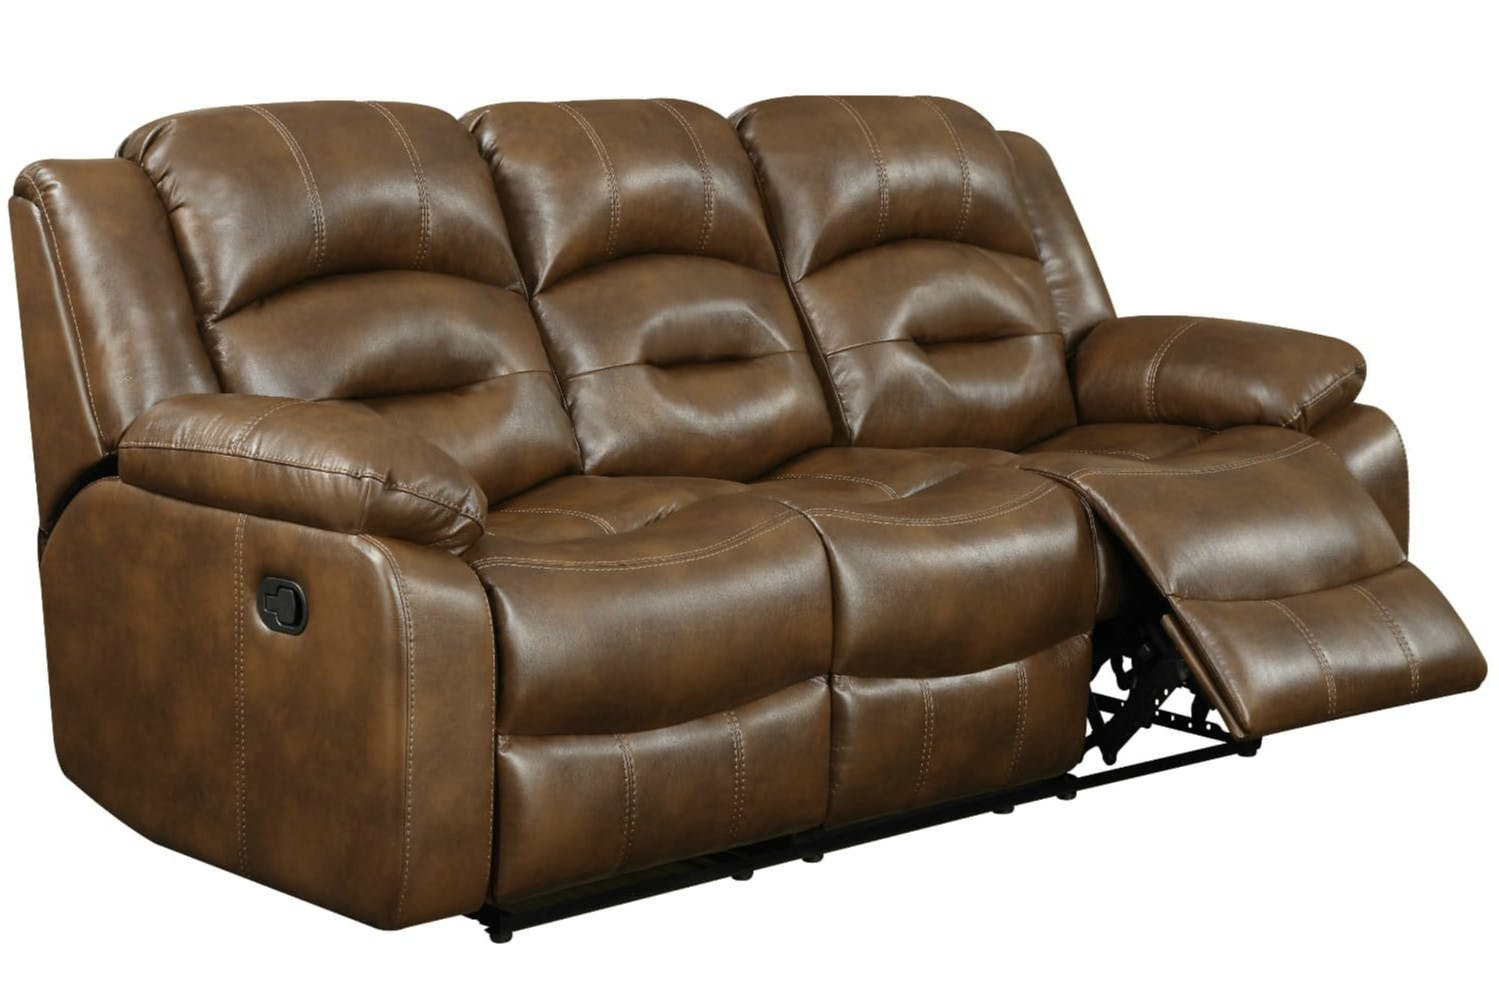 Hunter 3 Seater Recliner Sofa Tan